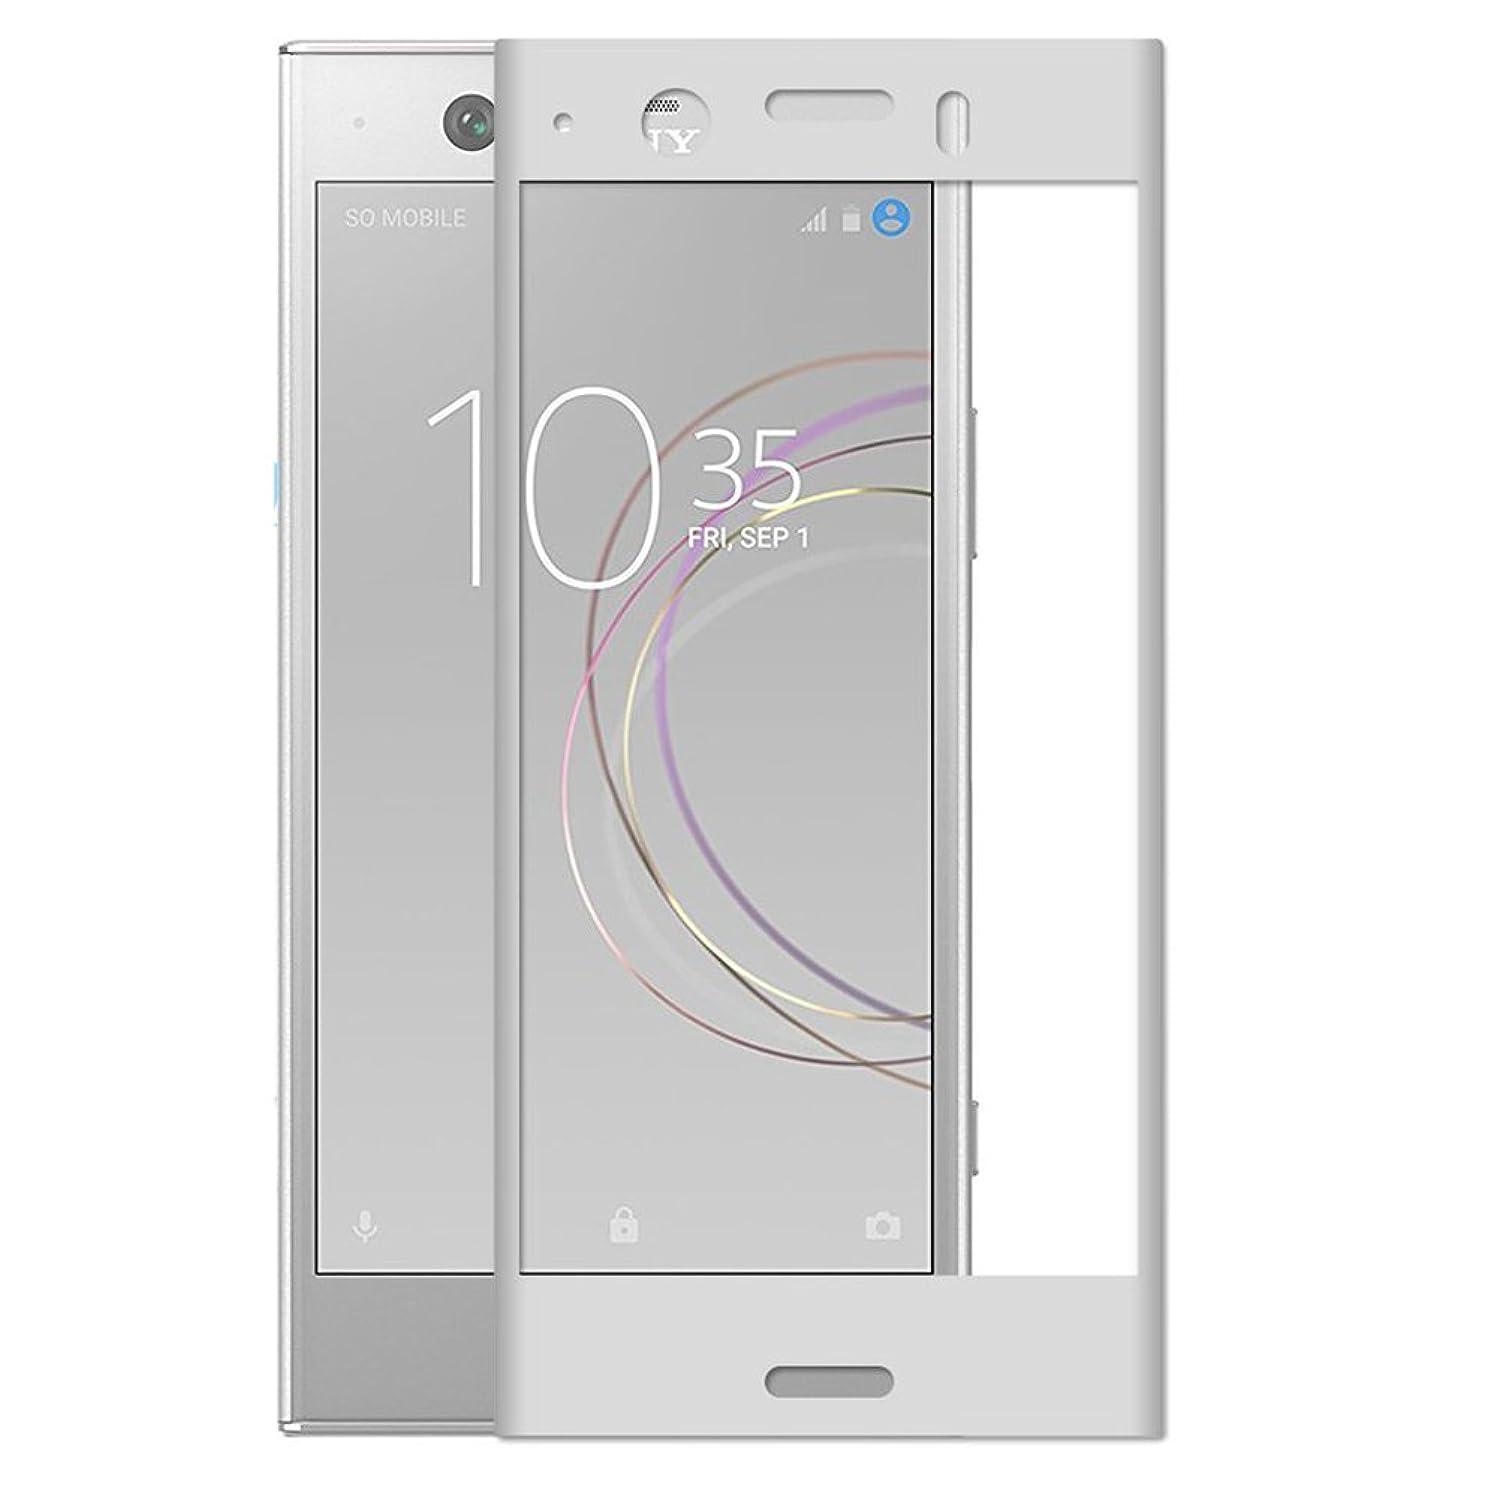 あごひげ泥沼異邦人(ミーモール)Miimall SONY Xperia XZ1 Compact ガラスフィルム 3D 炭素繊維 硬度9H 全面ガラス エクスペリア XZ1 Compact SO-02K 全画面保護 フィルム (ウォームシルバー/White Silver)